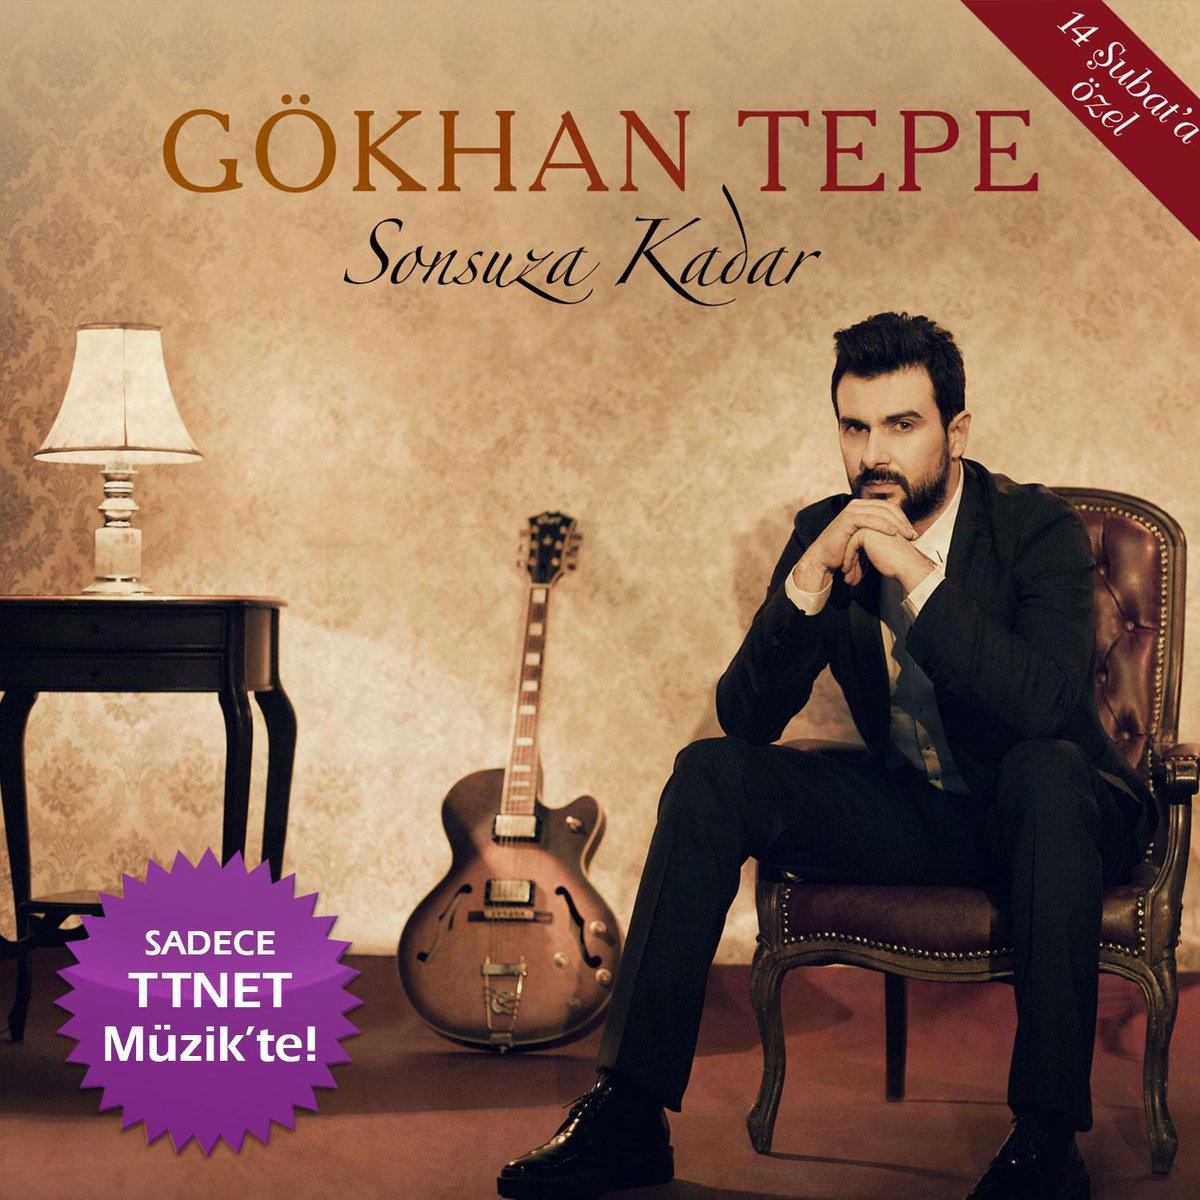 Gökhan Tepe'den 14 Şubat'a özel yeni single! Sonsuza Kadar, sadece ama sadece TTNET Müzik'te! http://t.co/mGAwlFzZTJ http://t.co/ExQSs2qwjr